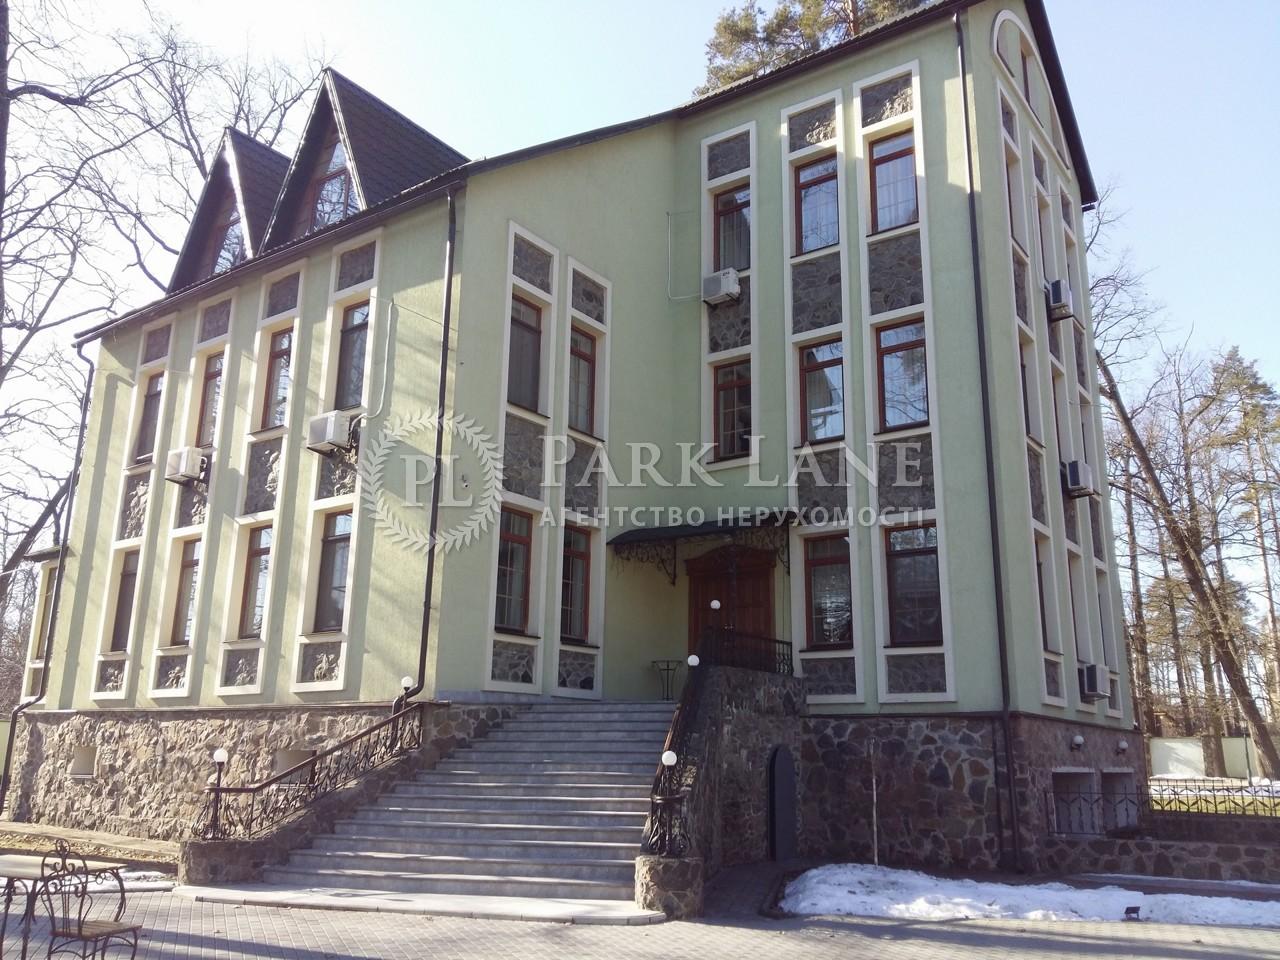 Гостиница, Буча (город), R-23160 - Фото 1